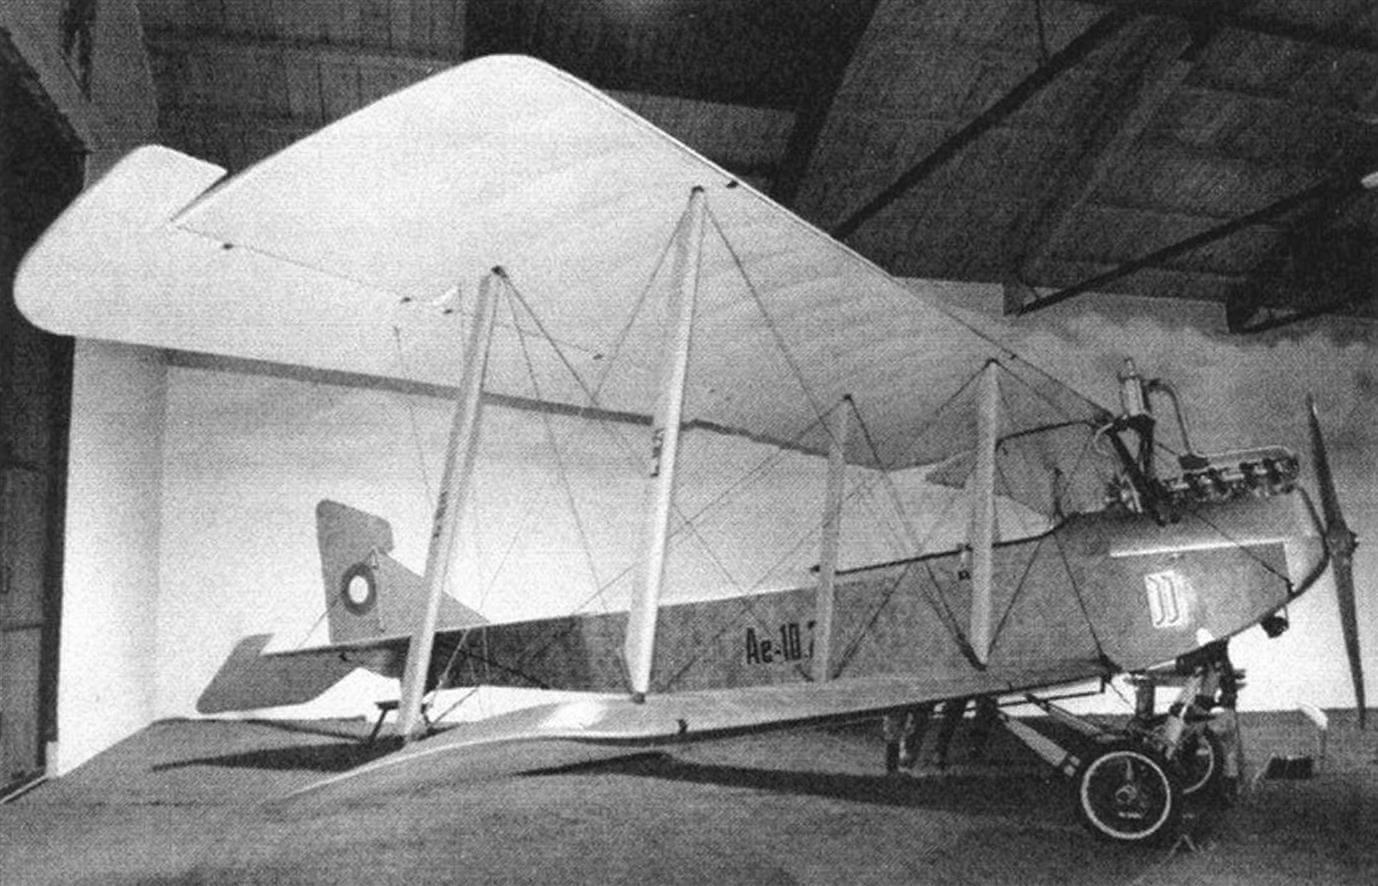 Aero Ае-10- первый серийный самолет чехословацкой постройки